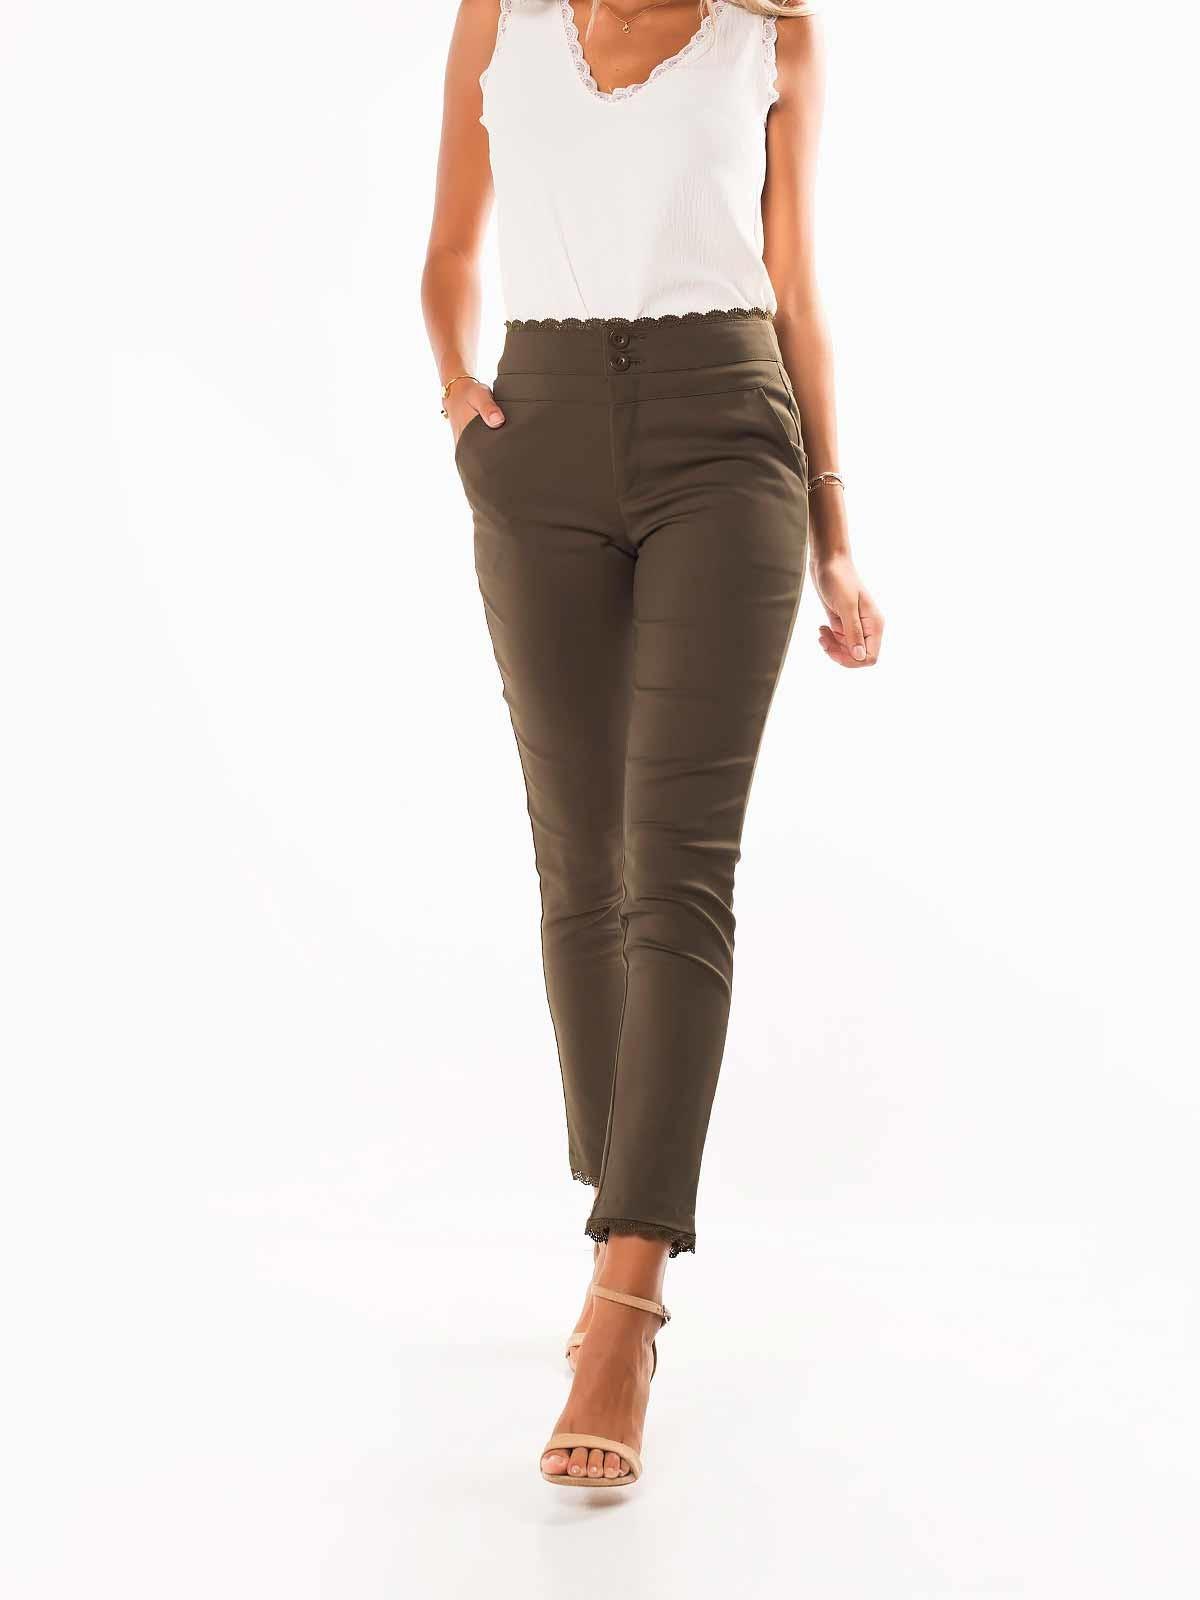 Pantalones cintura alta con encaje